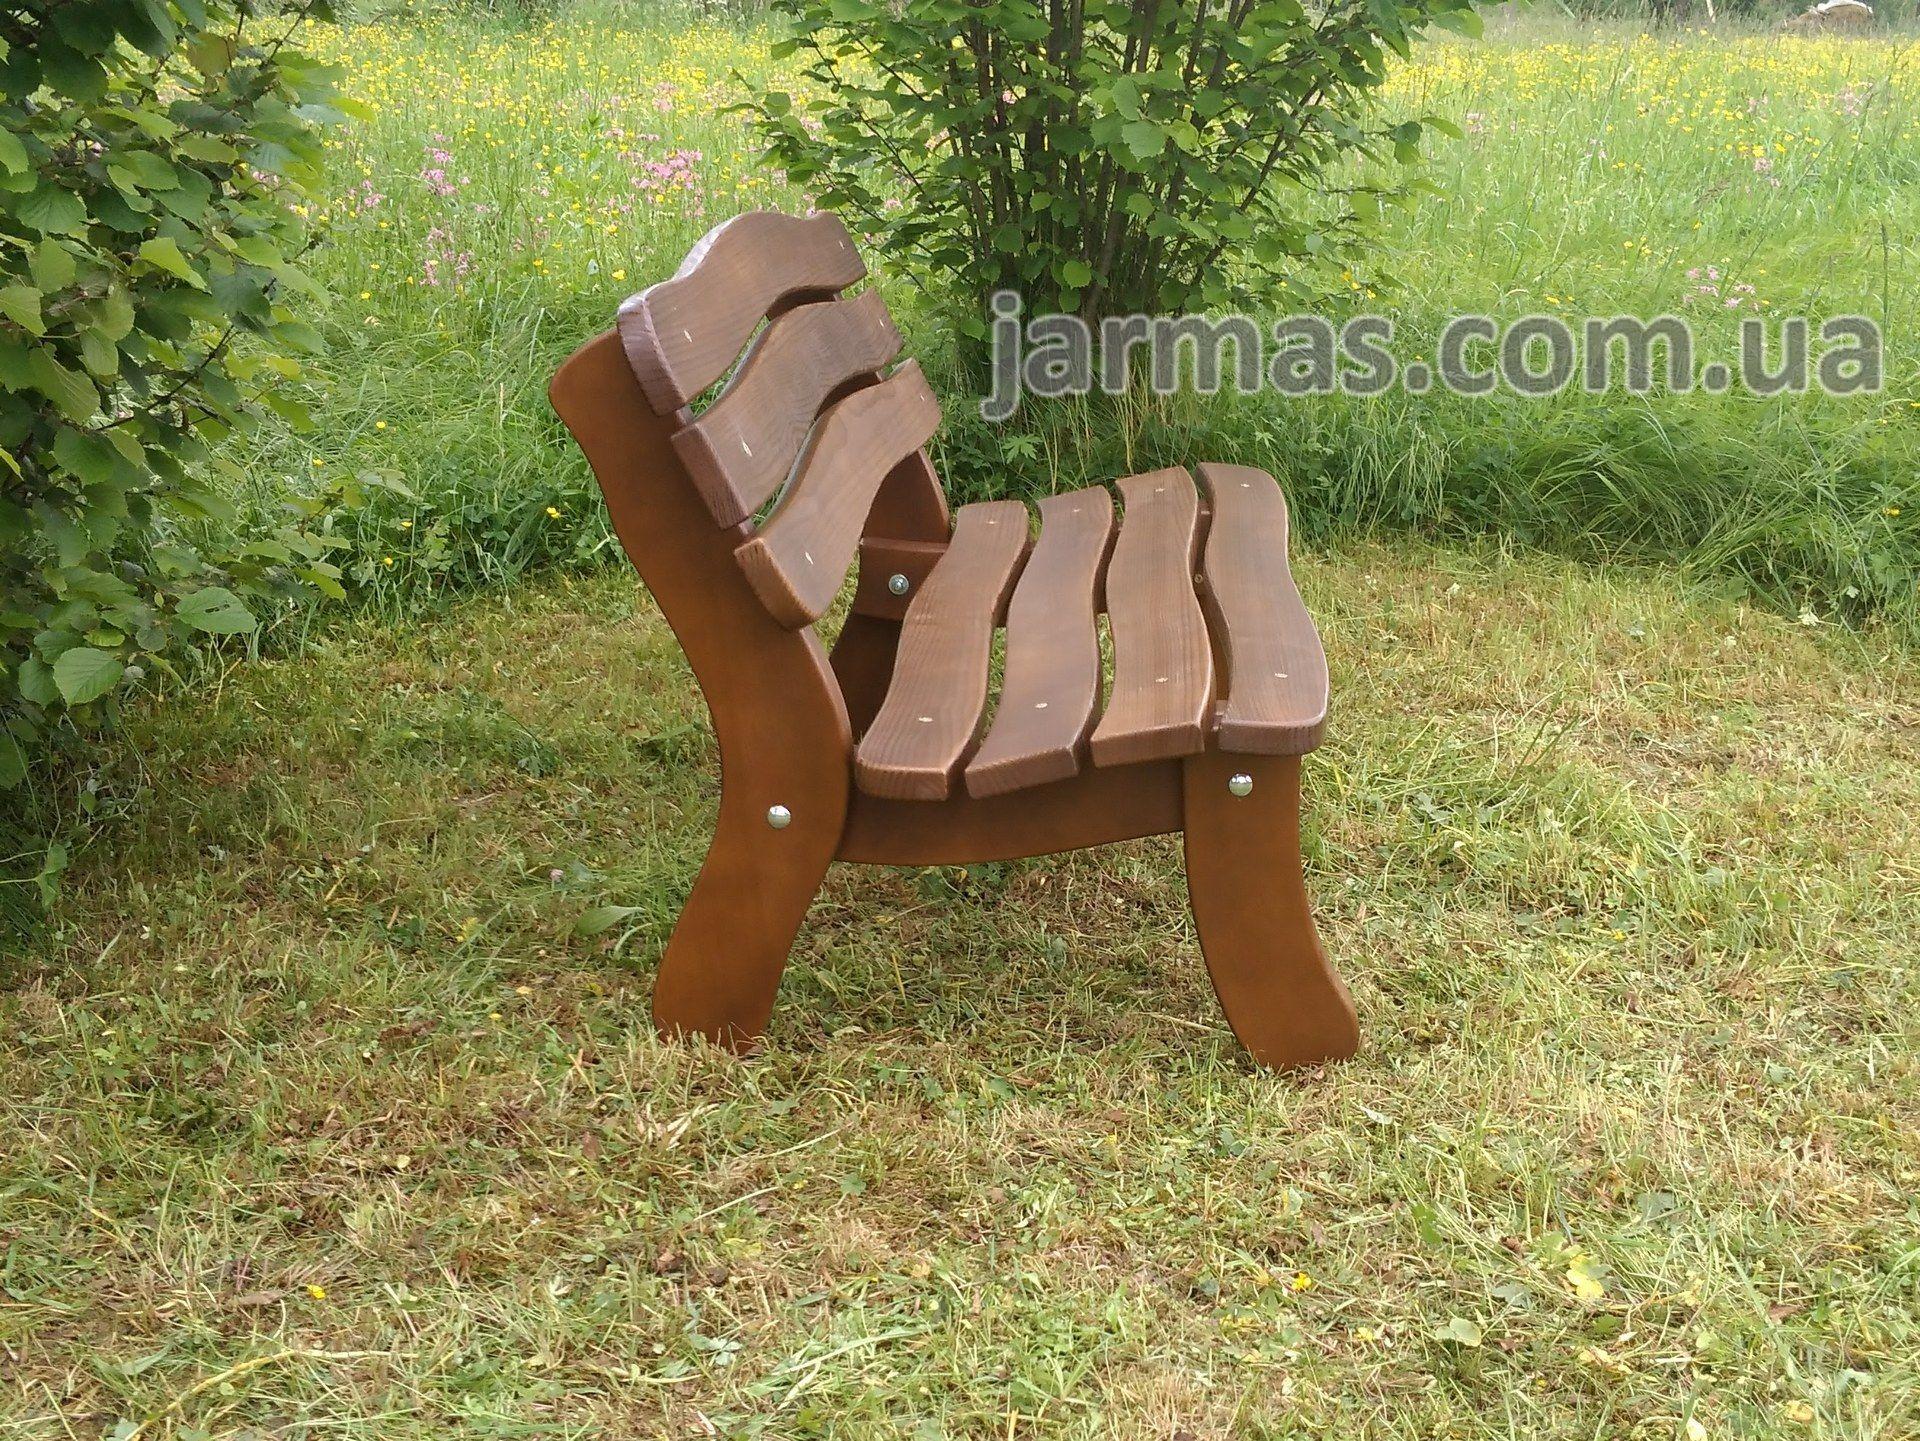 loopita bonita outdoor furniture. Wooden Bench, Garden Furniture. Лавка садова, лавка з дерева. Loopita Bonita Outdoor Furniture